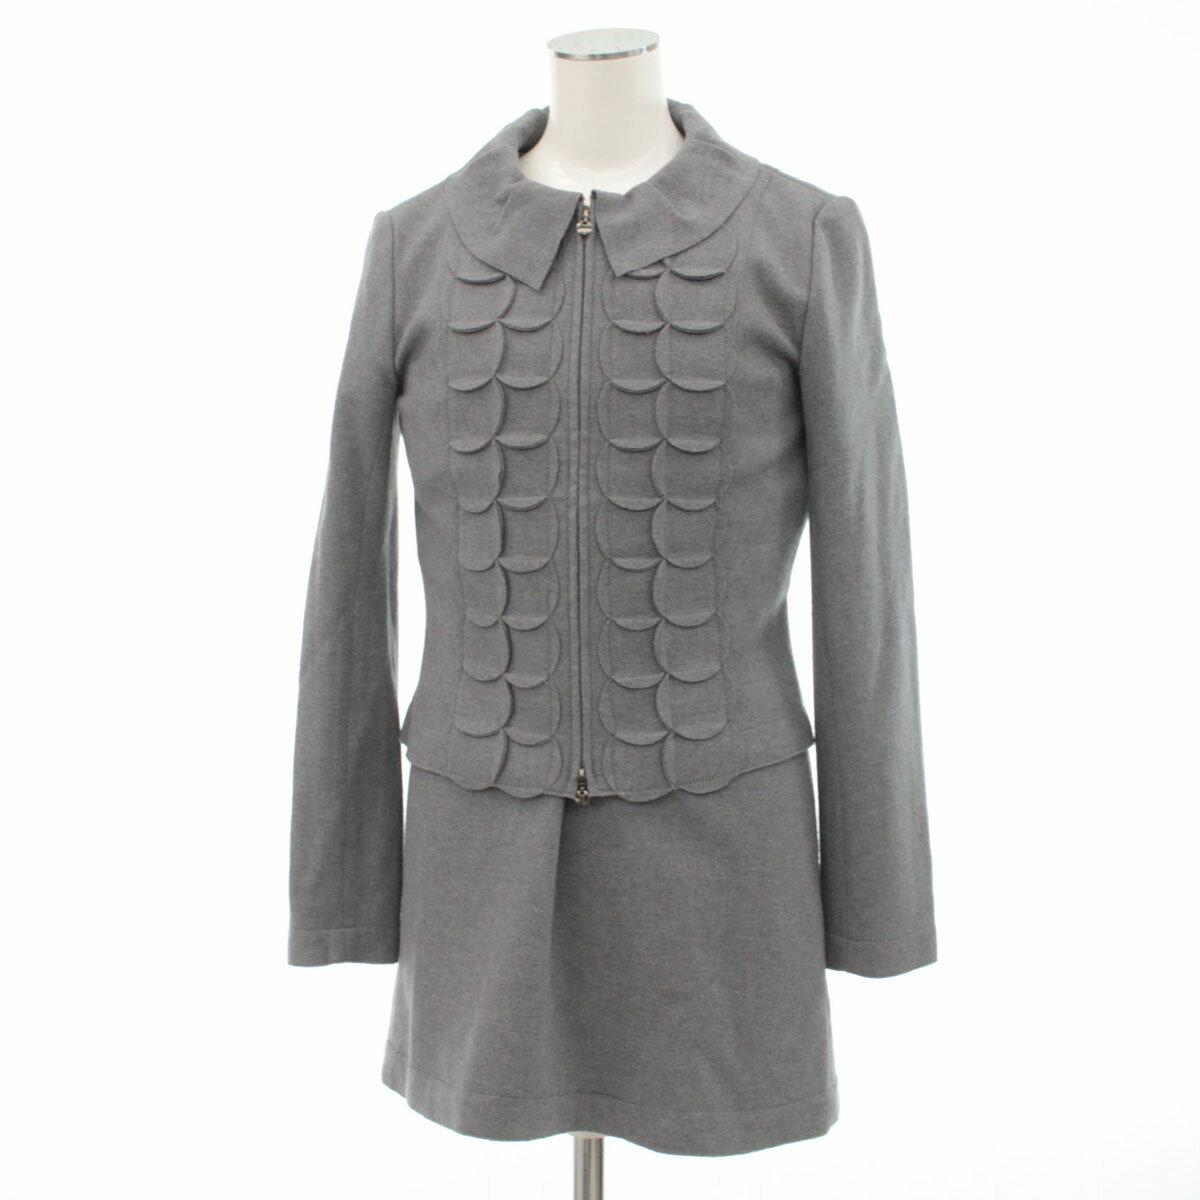 スーツ・セットアップ, ワンピーススーツ  9 grey100HIROKO BIS